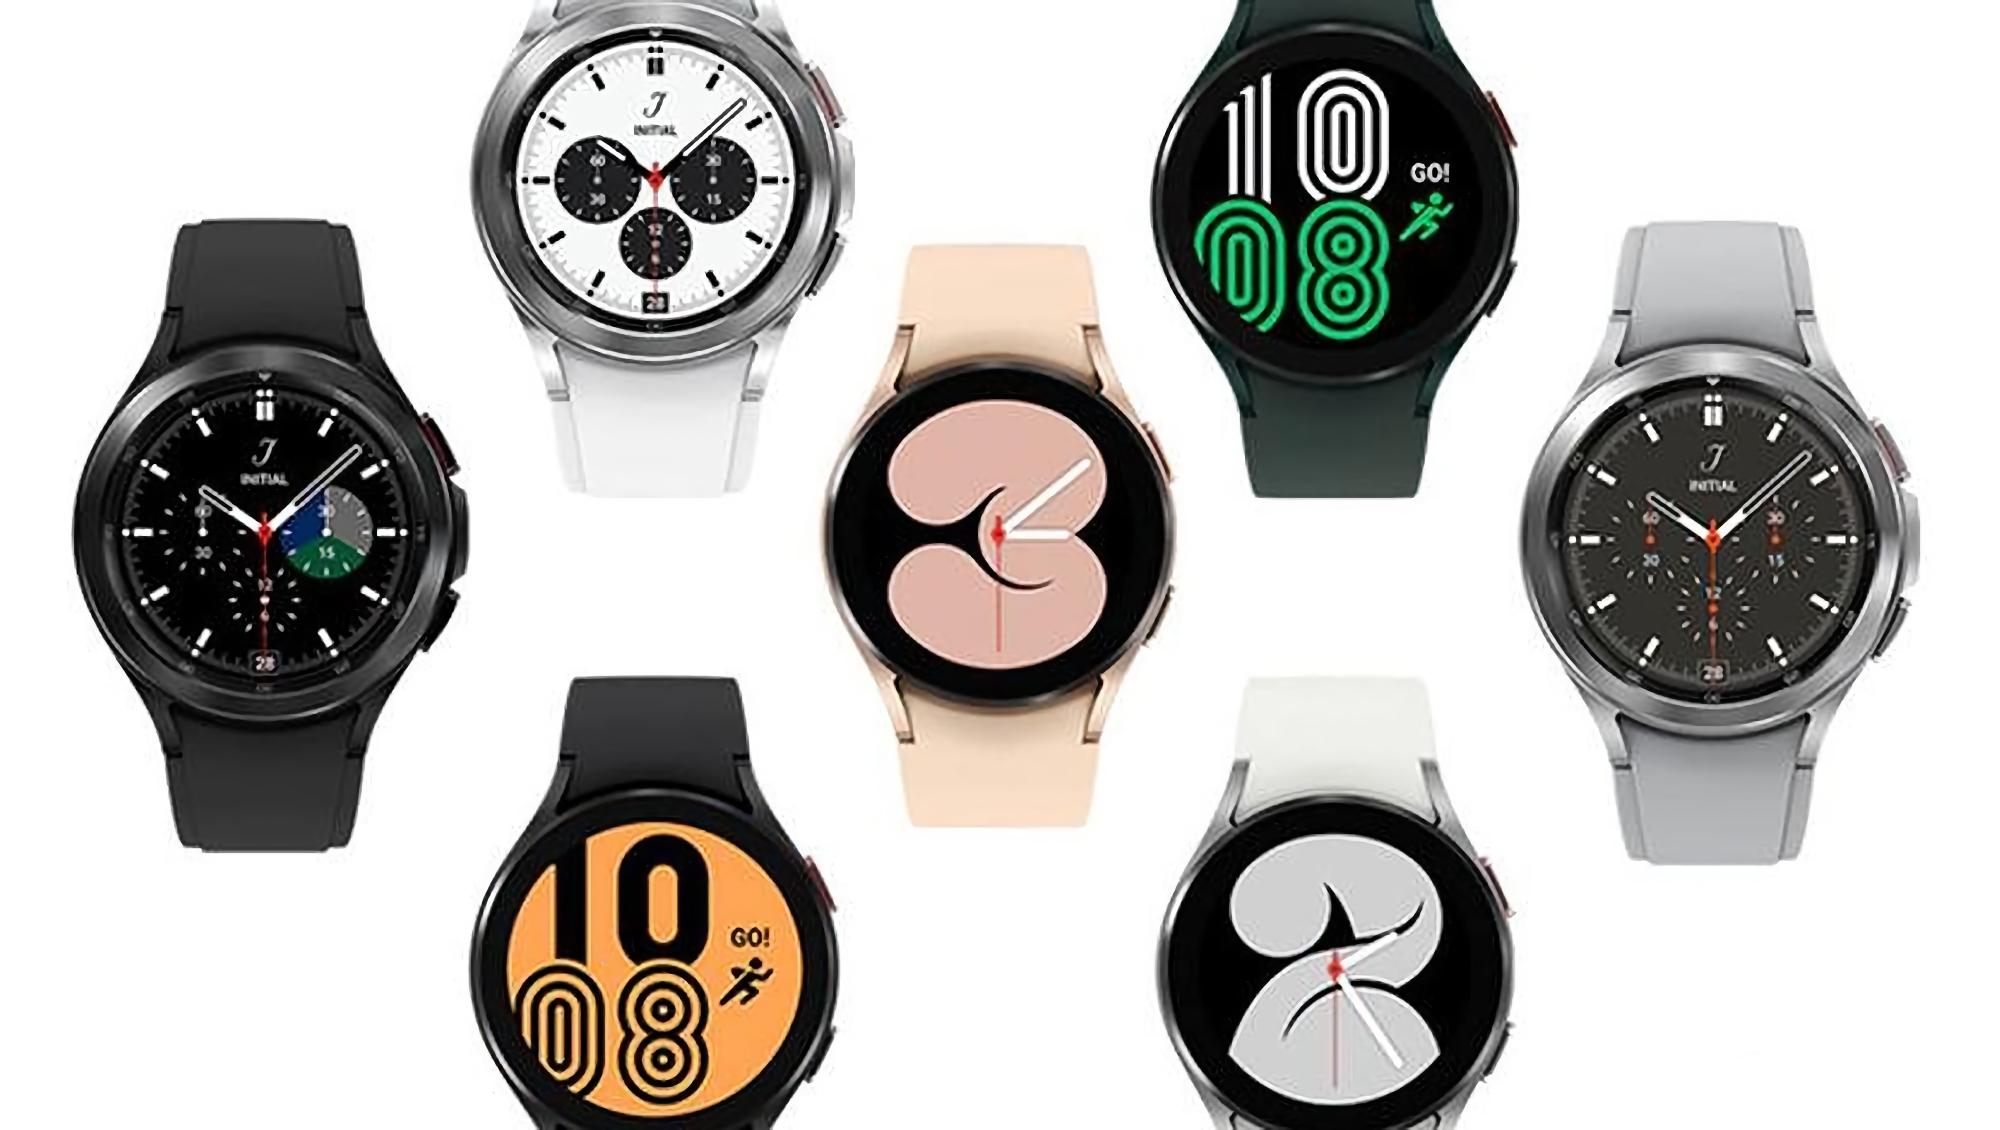 Смарт-часы Galaxy Watch 4 получили важное обновление ПО